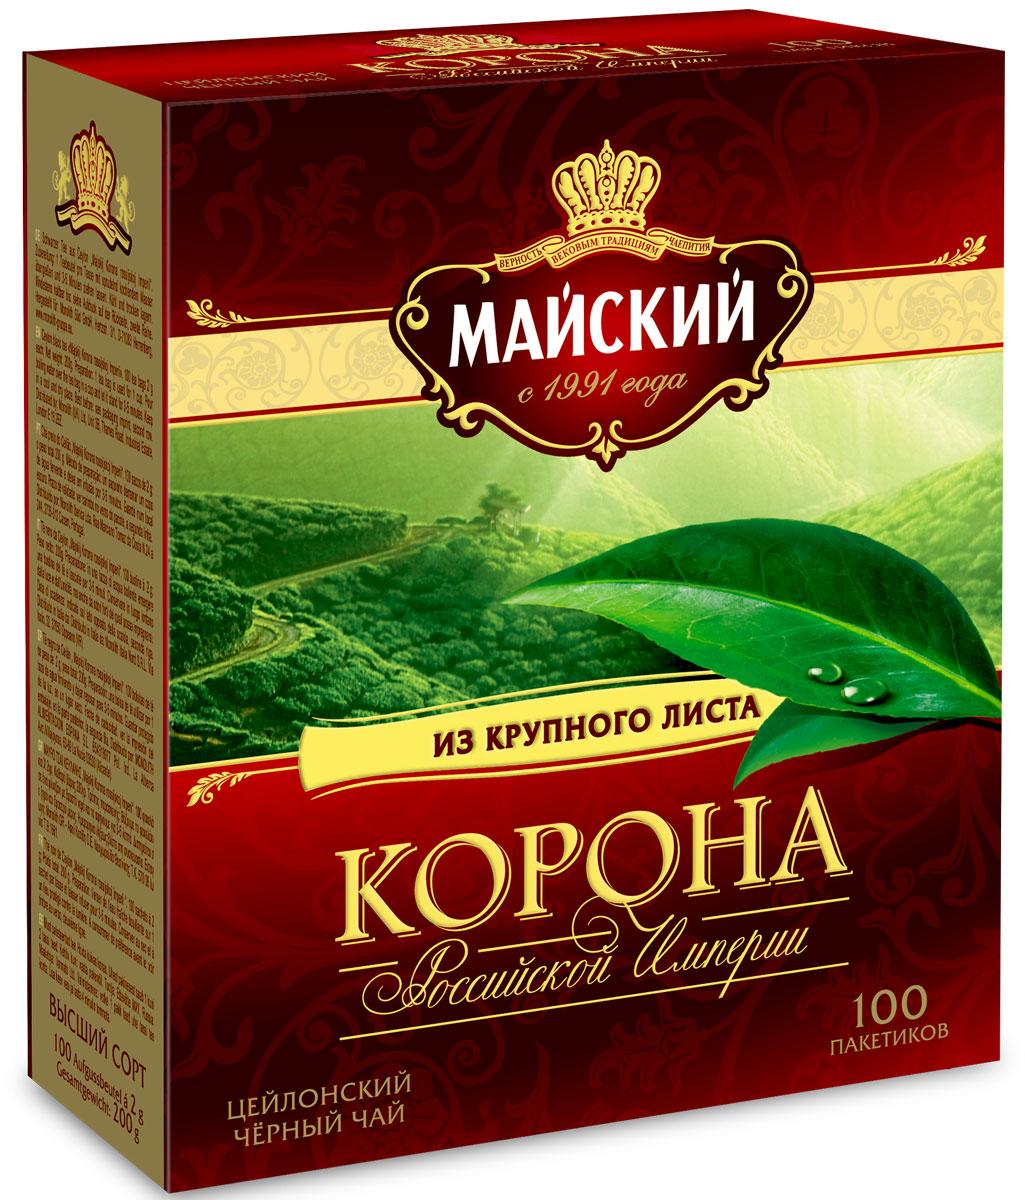 Майский Корона Российской Империи черный чай в пакетиках, 100 шт майский сладкая дыня черный чай в пирамидках 20 шт